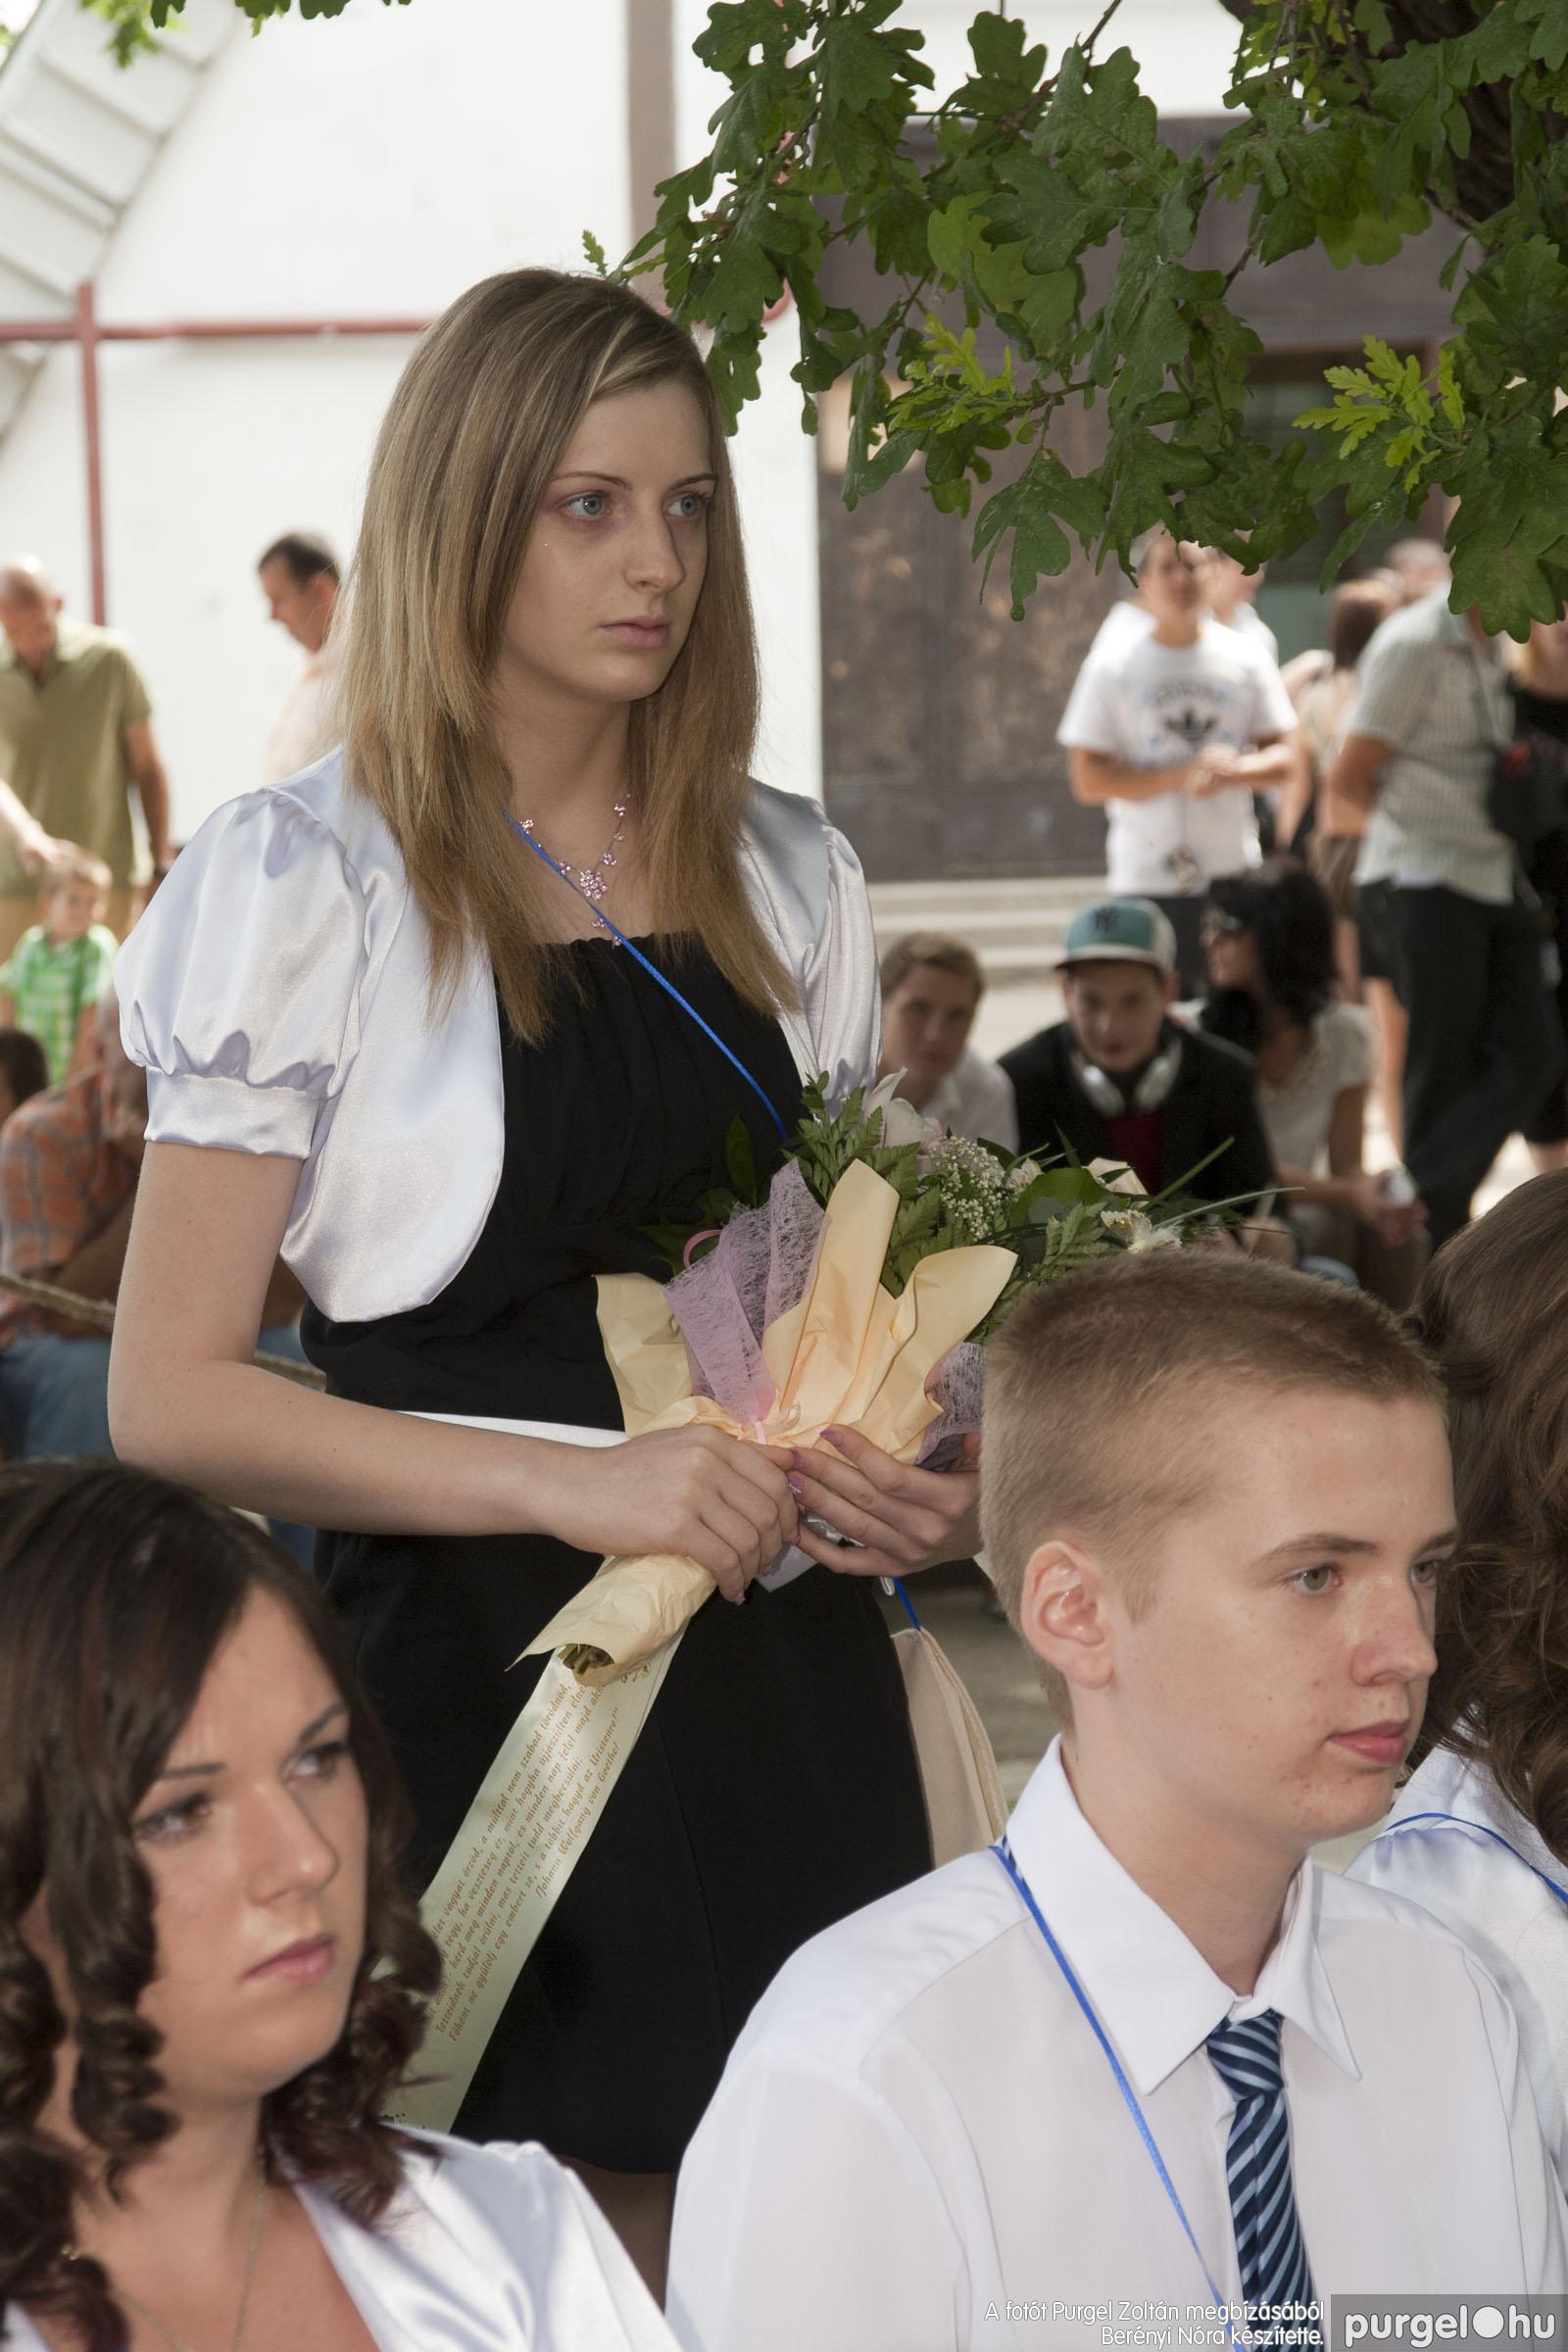 2014.06.14. 216 Forray Máté Általános Iskola ballagás 2014. - Fotó:BERÉNYI NÓRA© _MG_5863.jpg